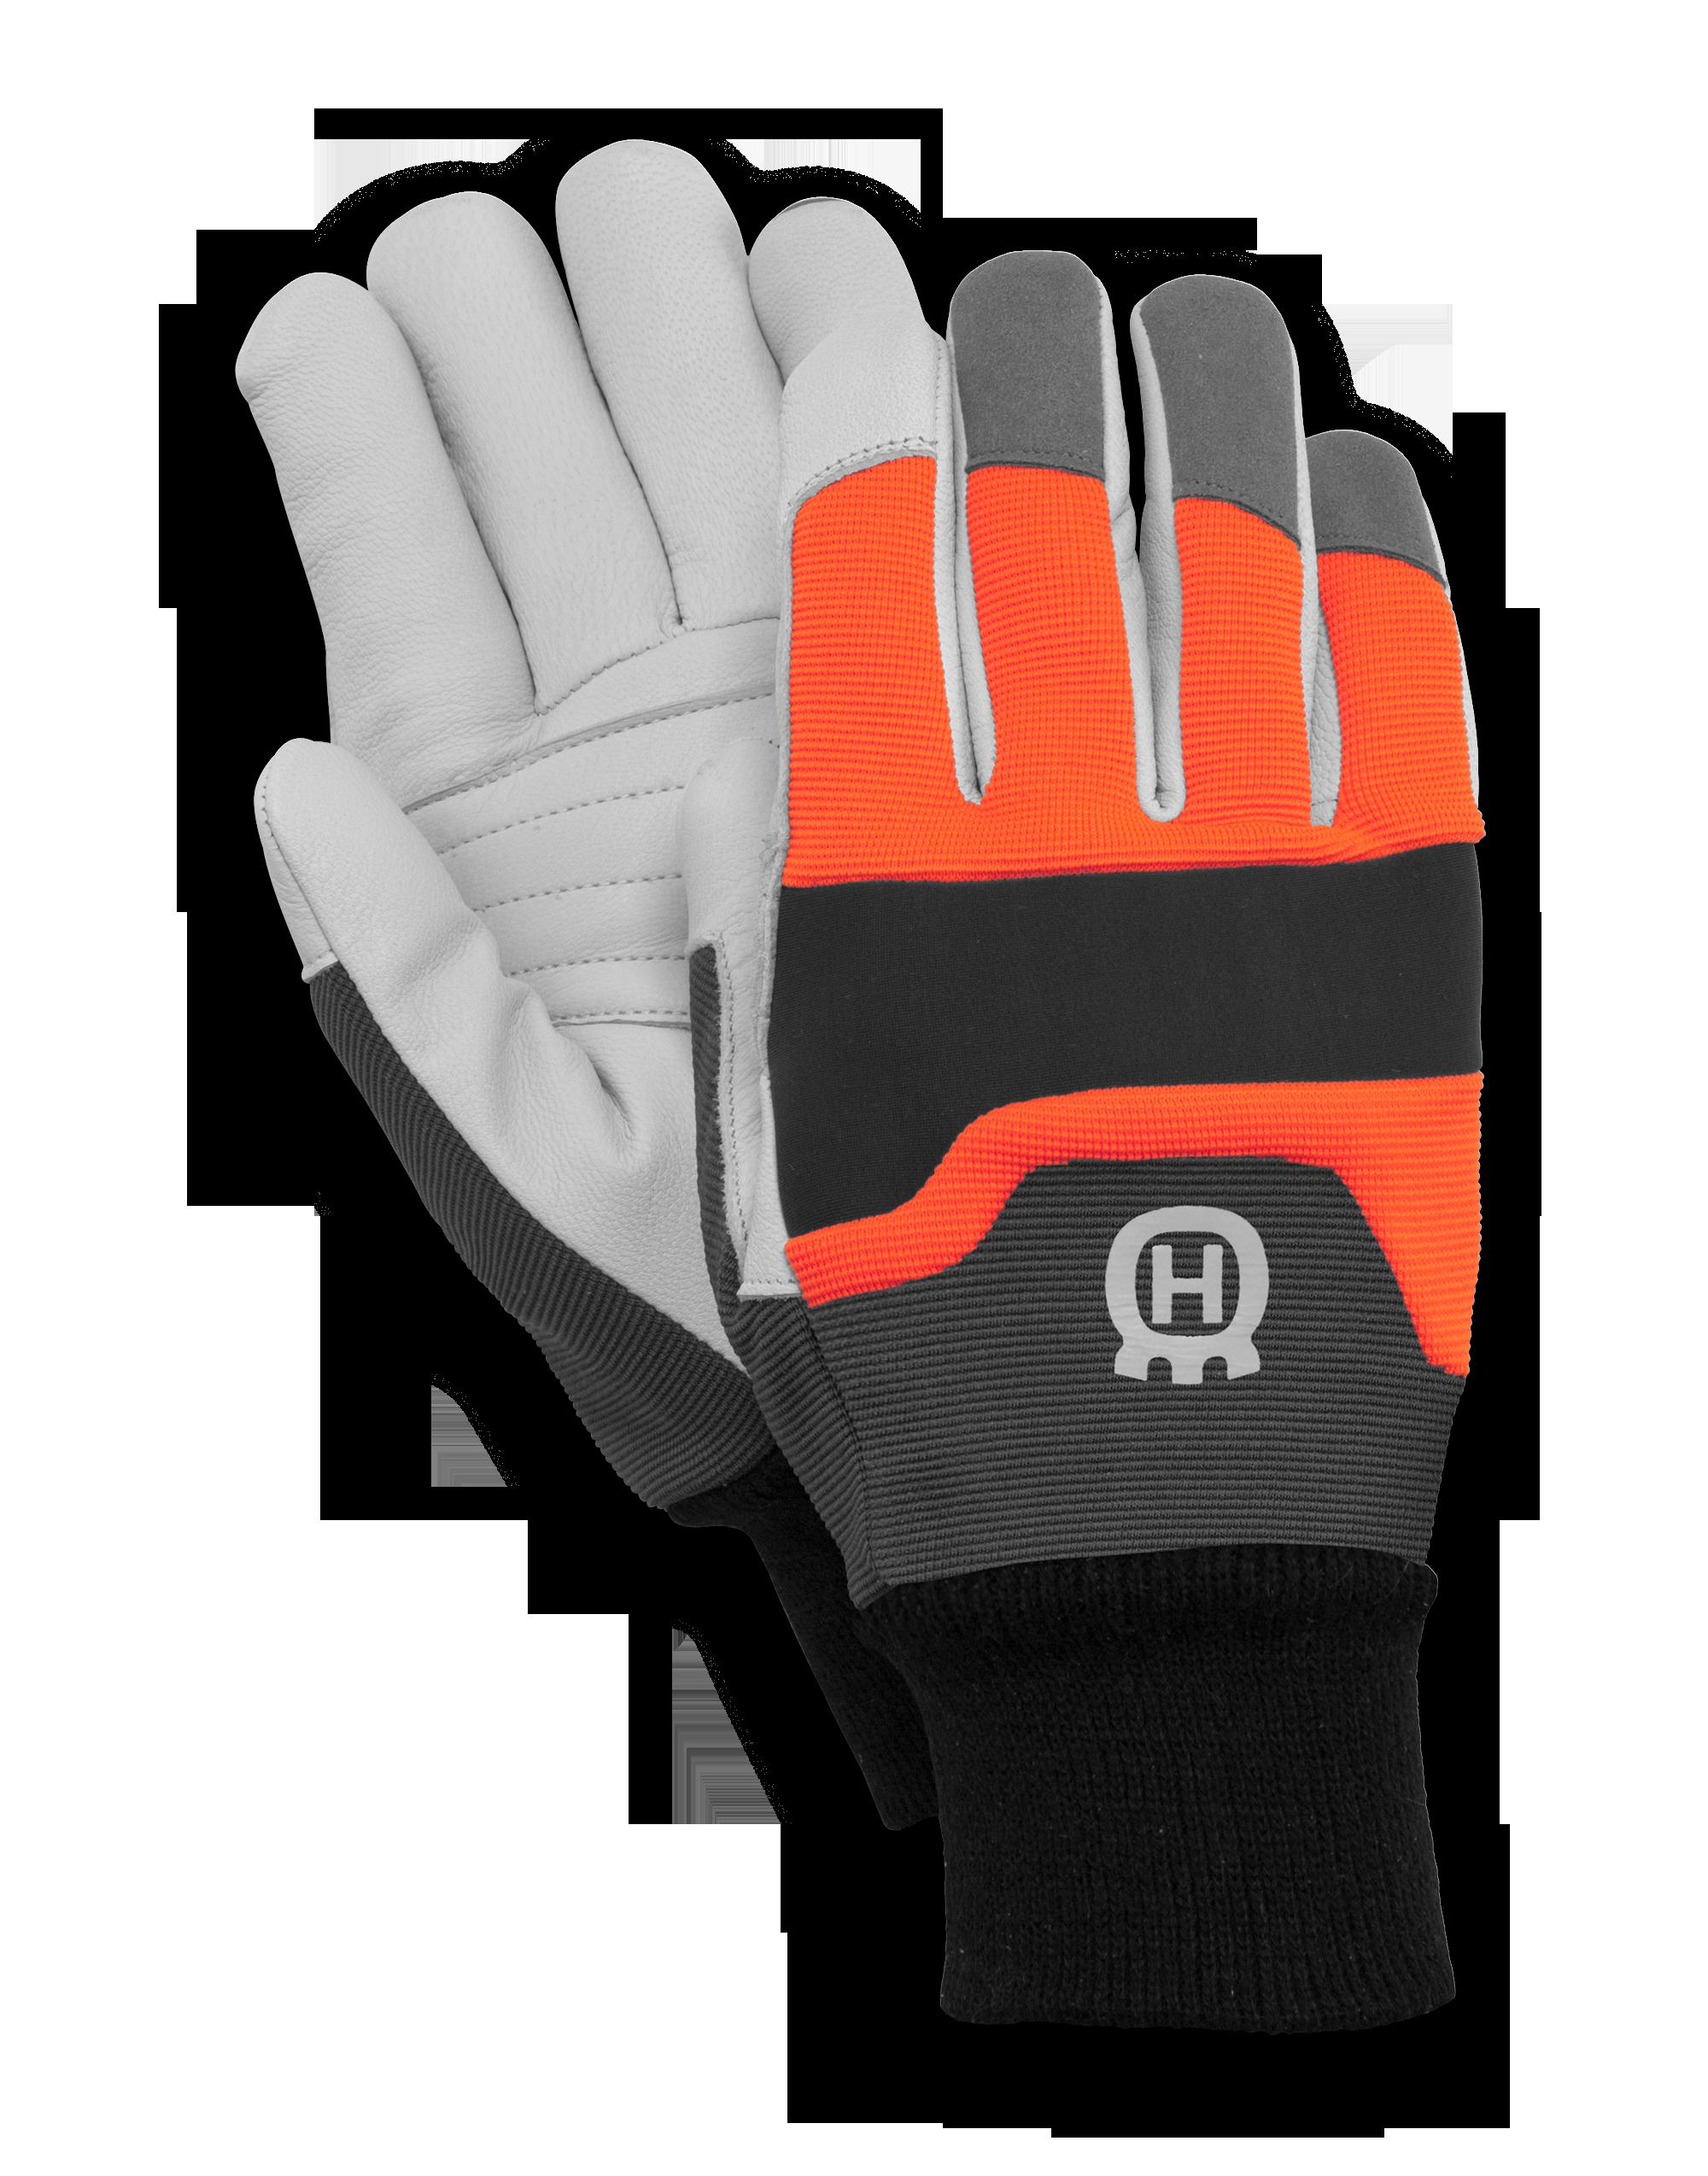 Mittens clipart woolen glove. Husqvarna gloves functional chainsaw